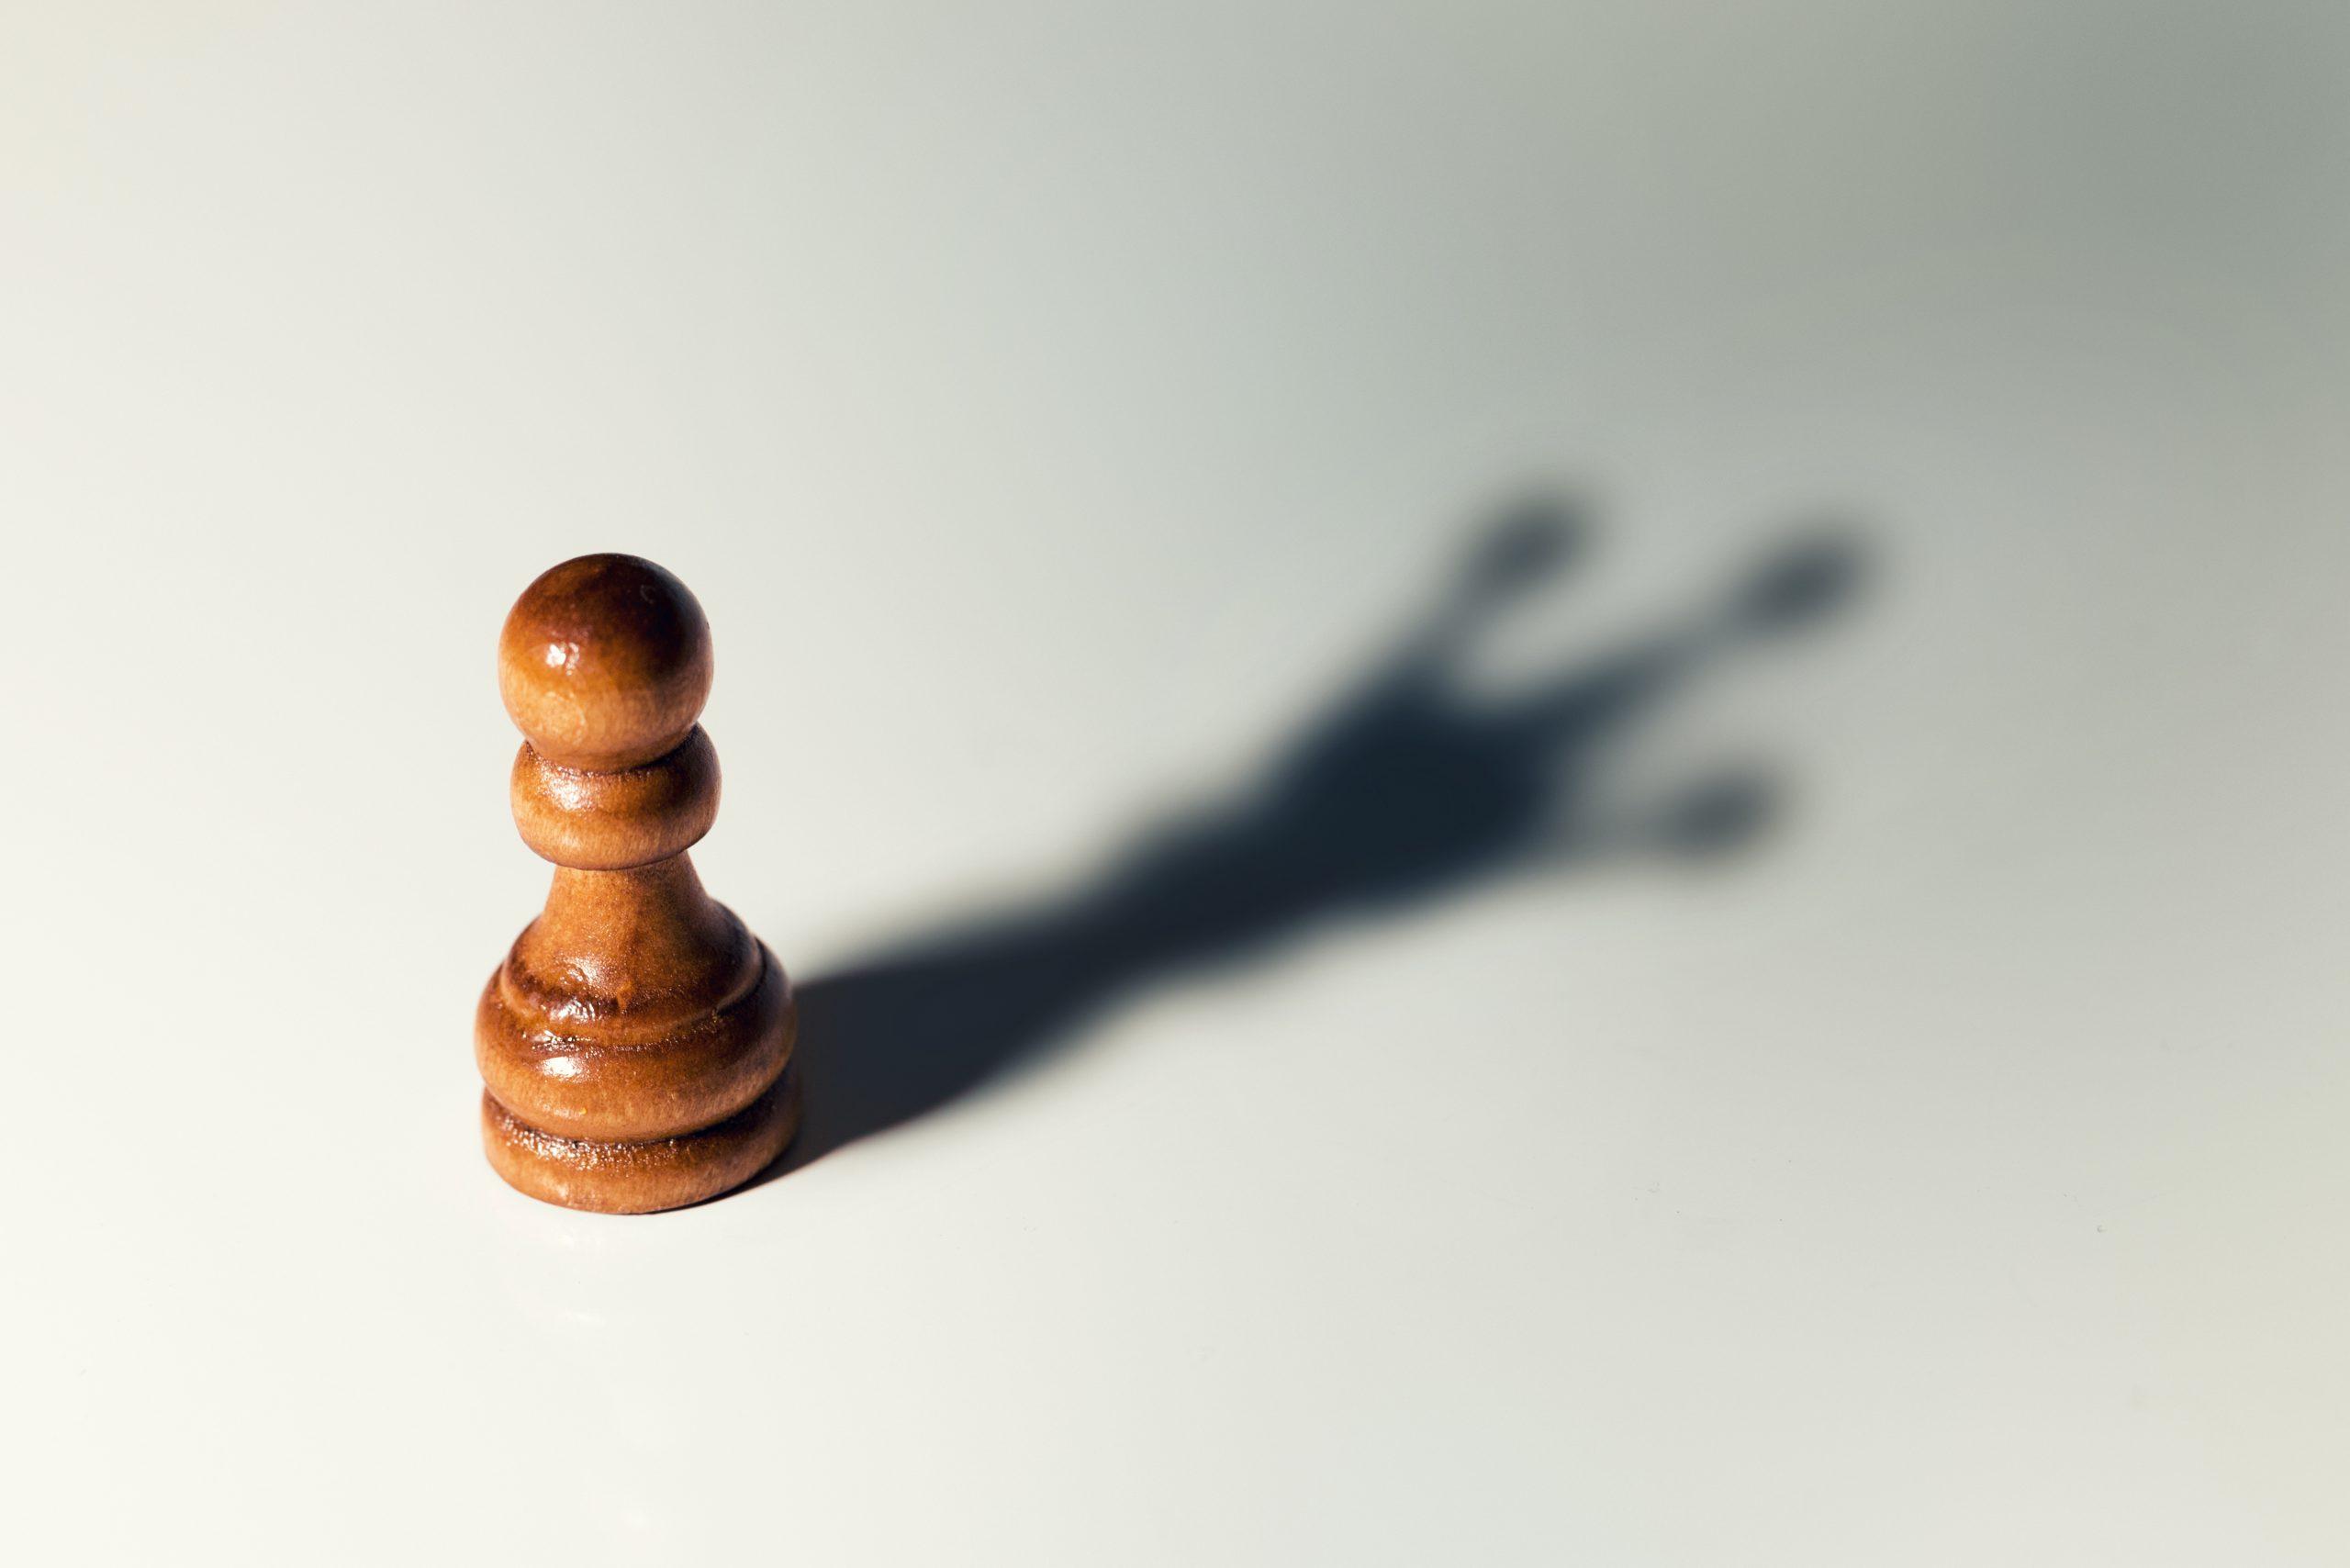 Chesspiece pawn, pawnshop, darkside pawn